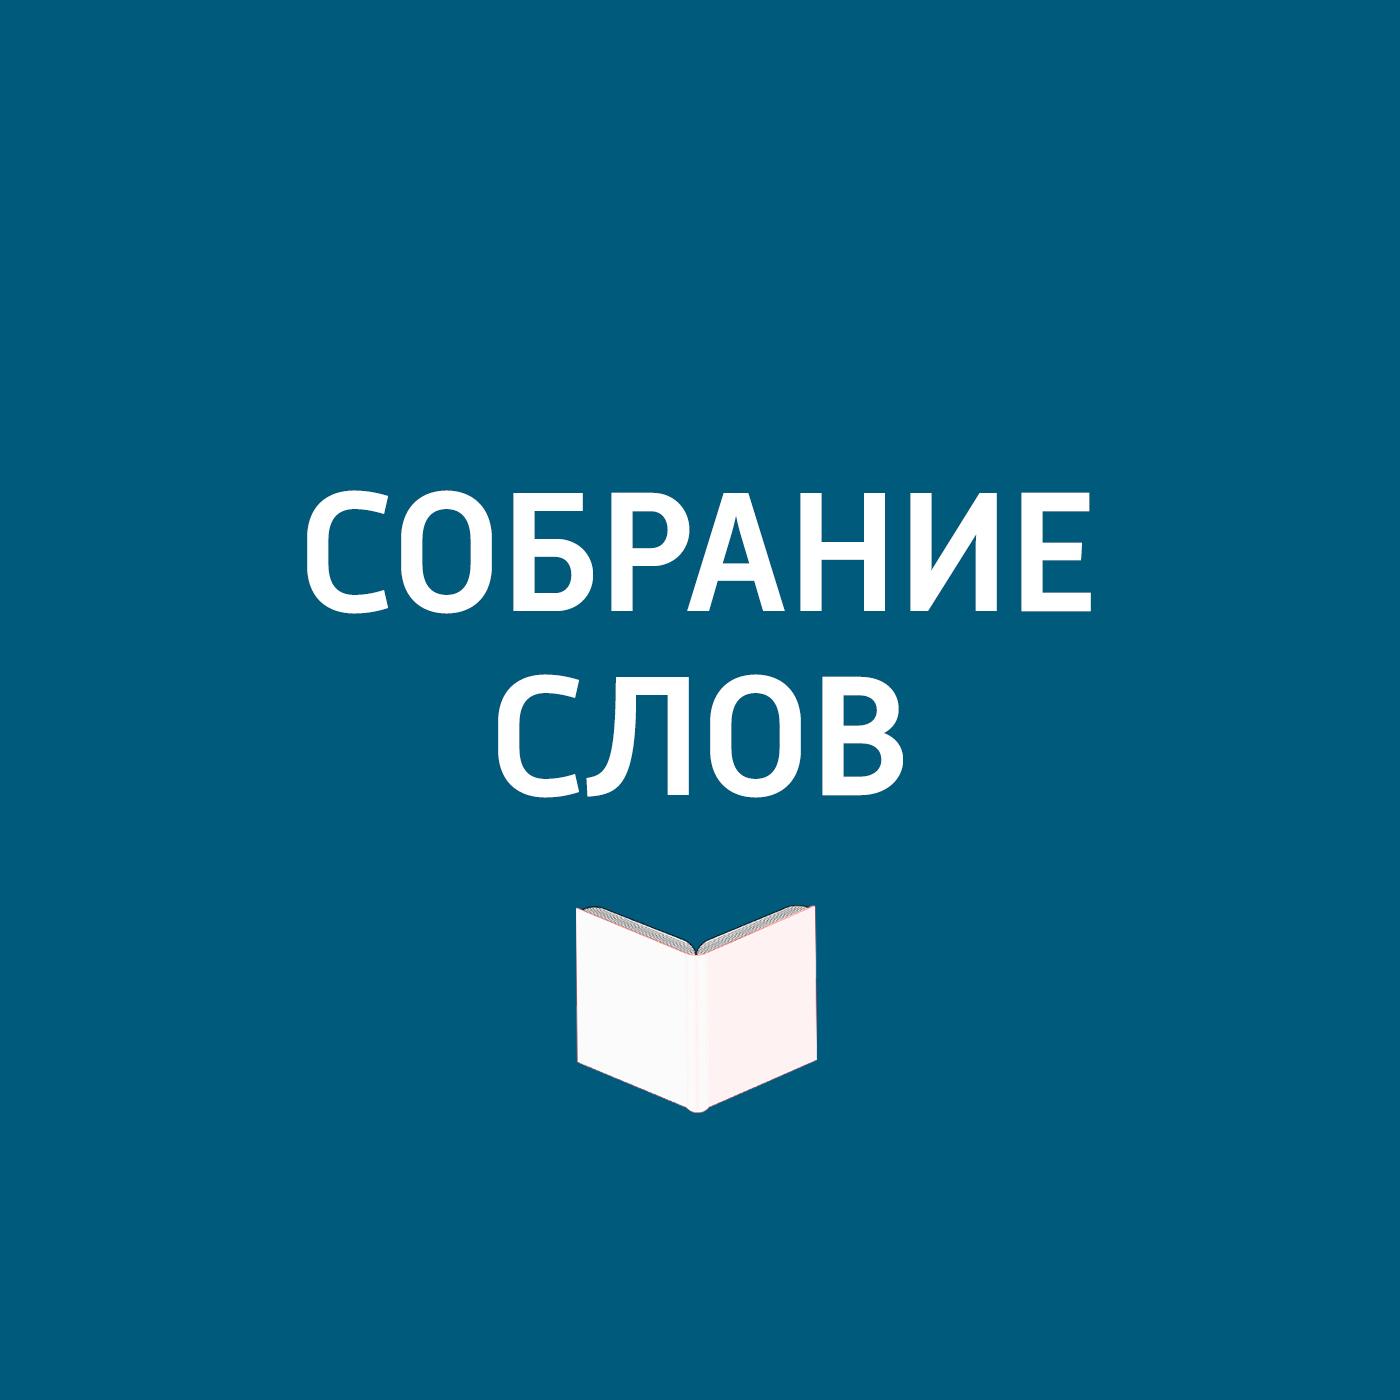 Творческий коллектив программы «Собрание слов» Большое интервью Марии Арбатовой цель вижу